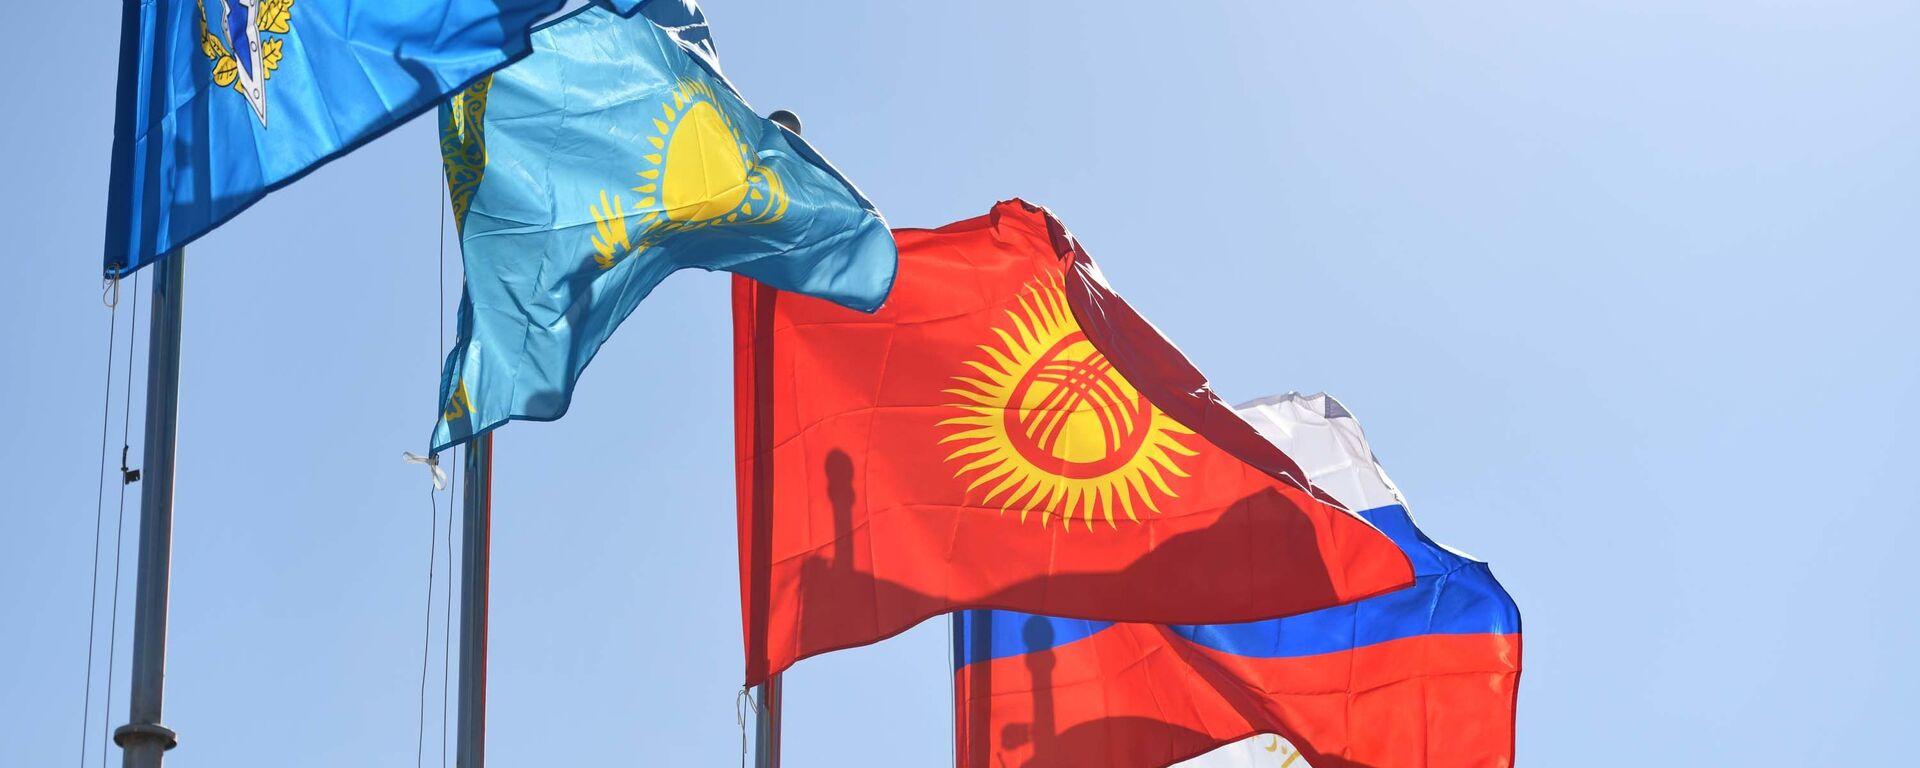 Учения ОДКБ Нерушимое братство-2019 в Таджикистане - Sputnik Таджикистан, 1920, 09.09.2021